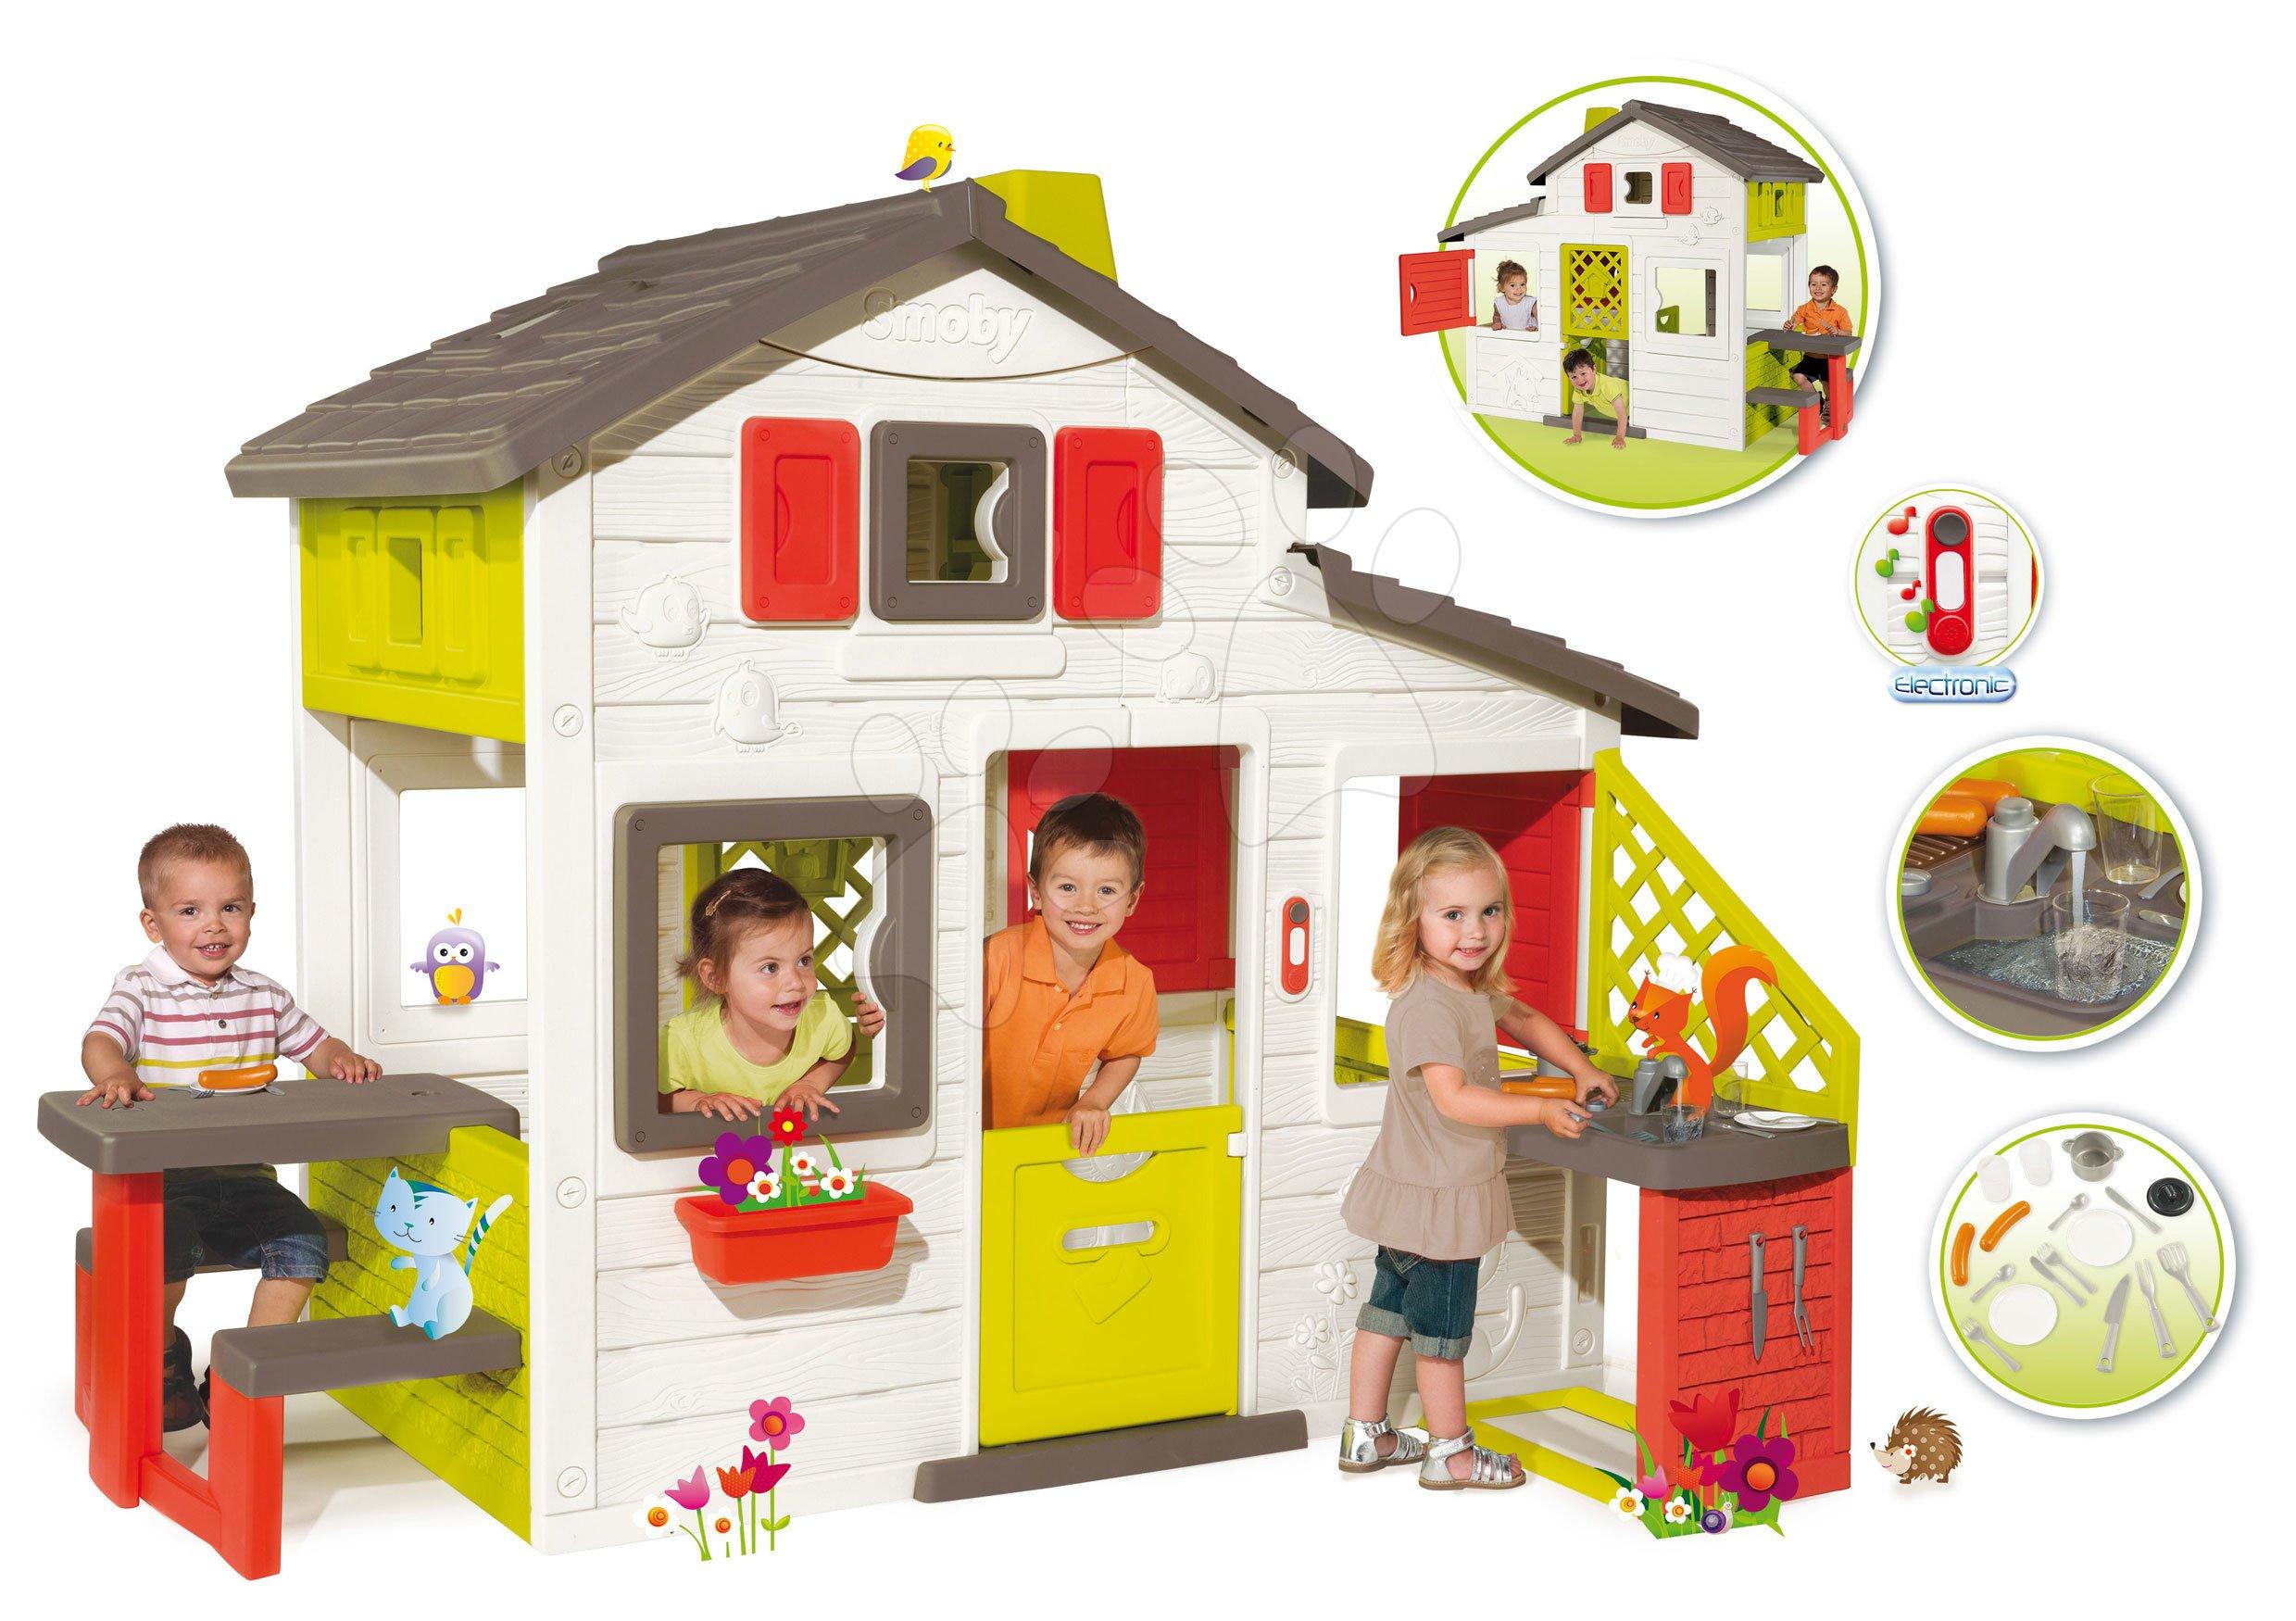 Domčeky pre deti - Domček Priateľov Smoby s kuchynkou s vodou a elektronickým zvončekom